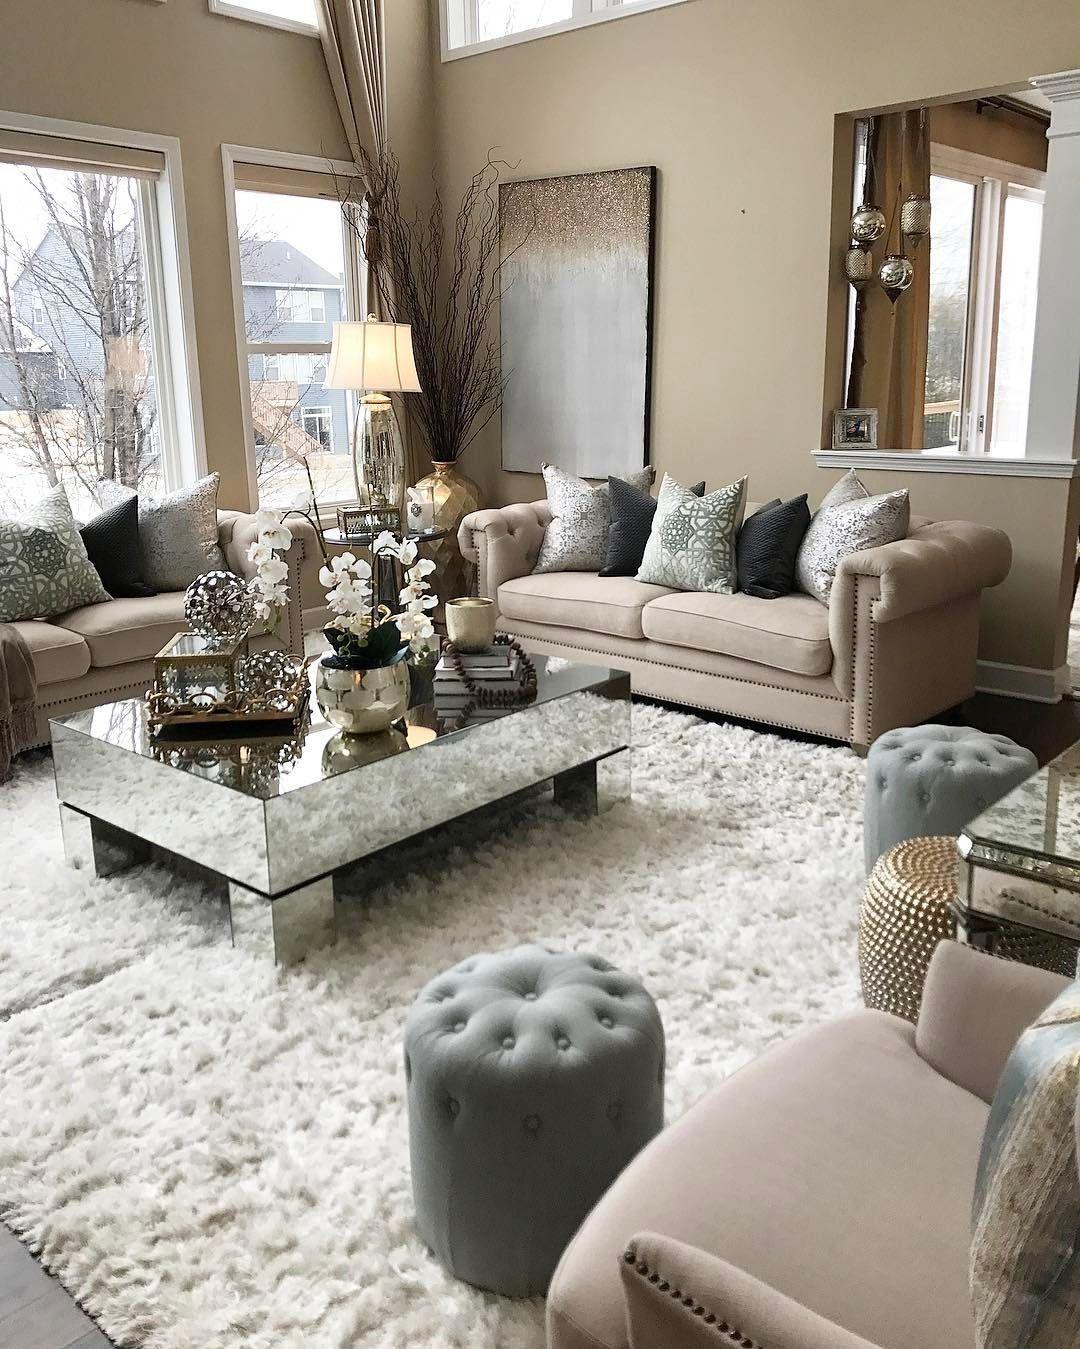 Living Room Decor · Wohn EsszimmerWohnzimmer IdeenHausbauFavoritenGemütliche  WohnzimmerElegantes WohnzimmerWohnräumeLuxusschlafzimmerKleine Wohnungen